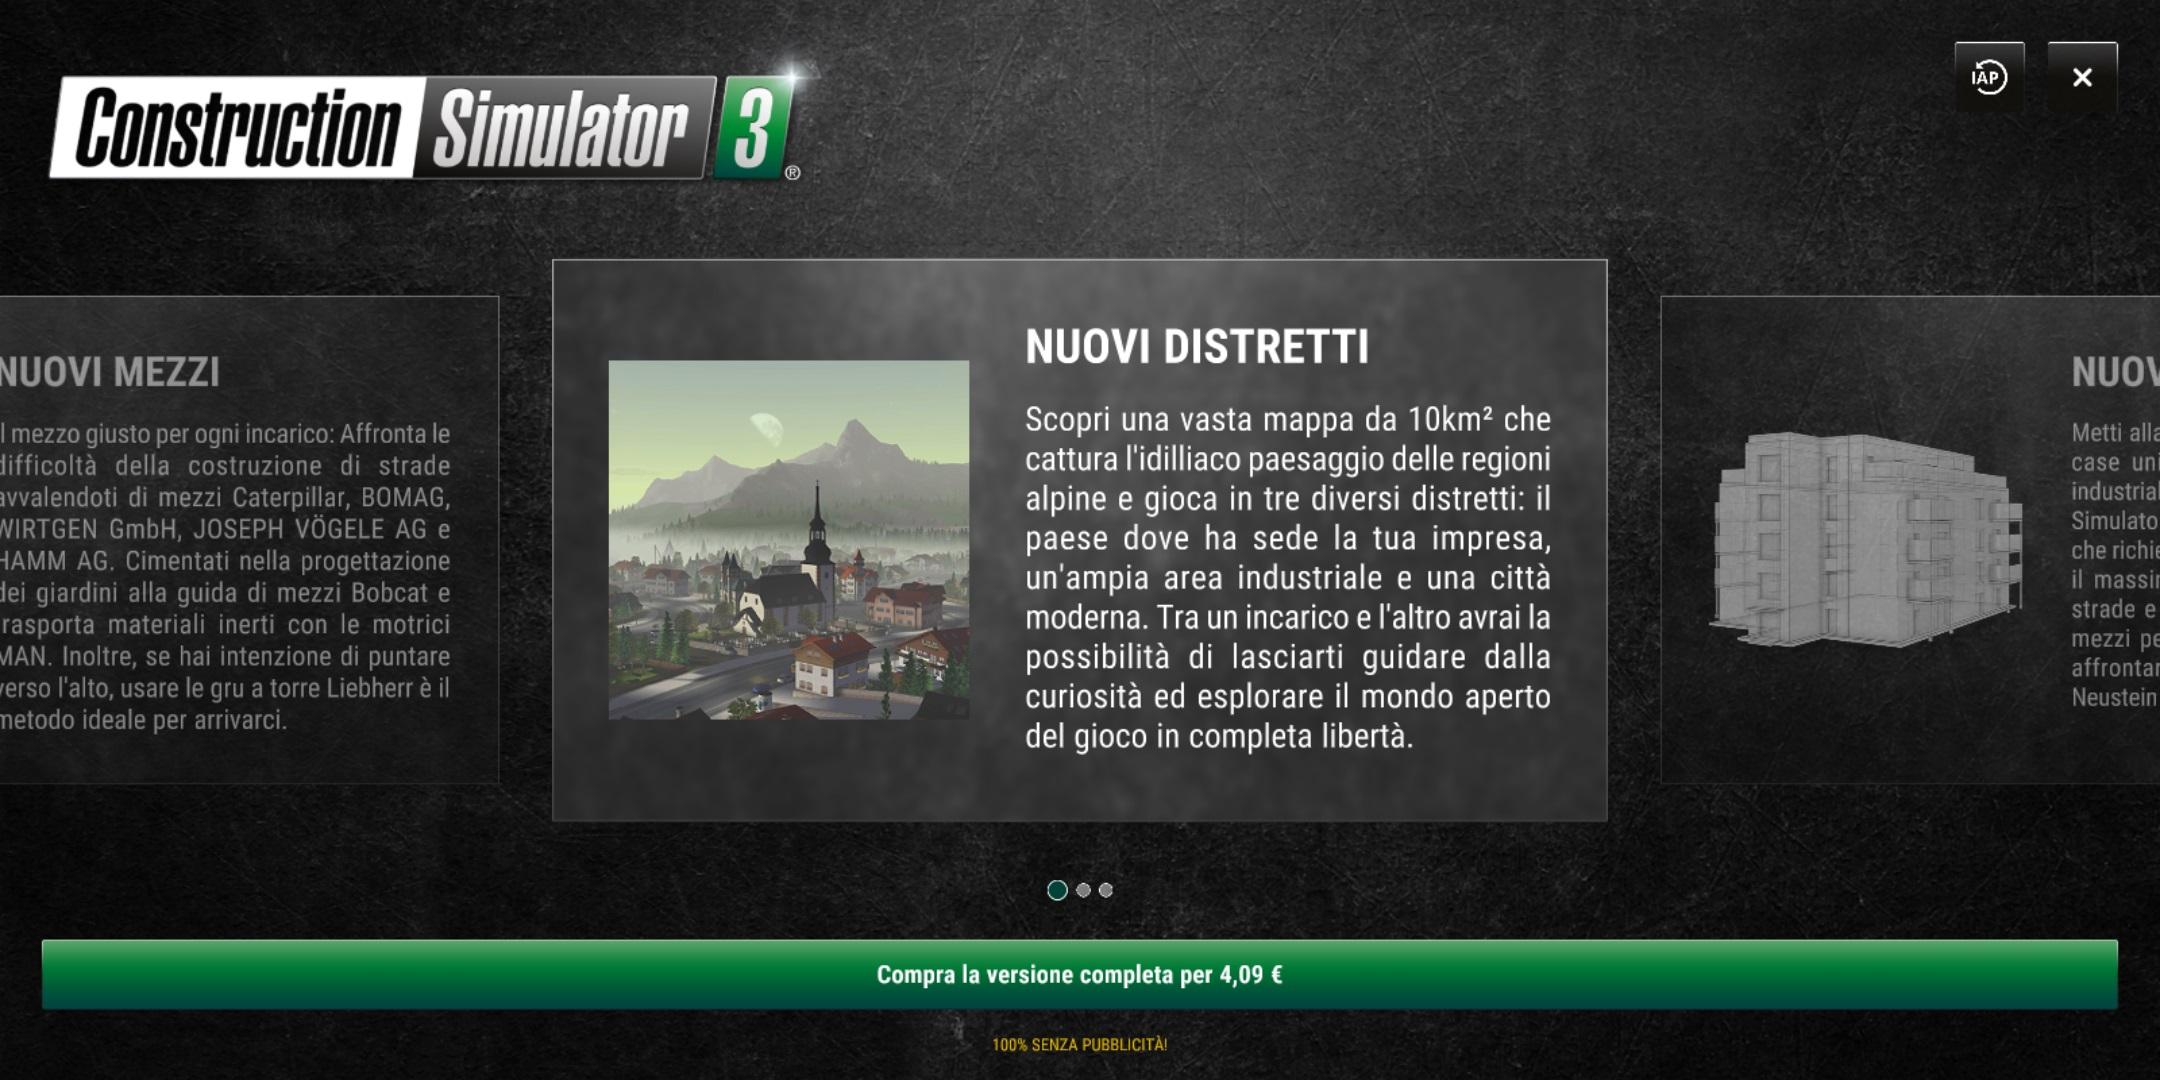 Construction Simulator 3 Lite permette di testare